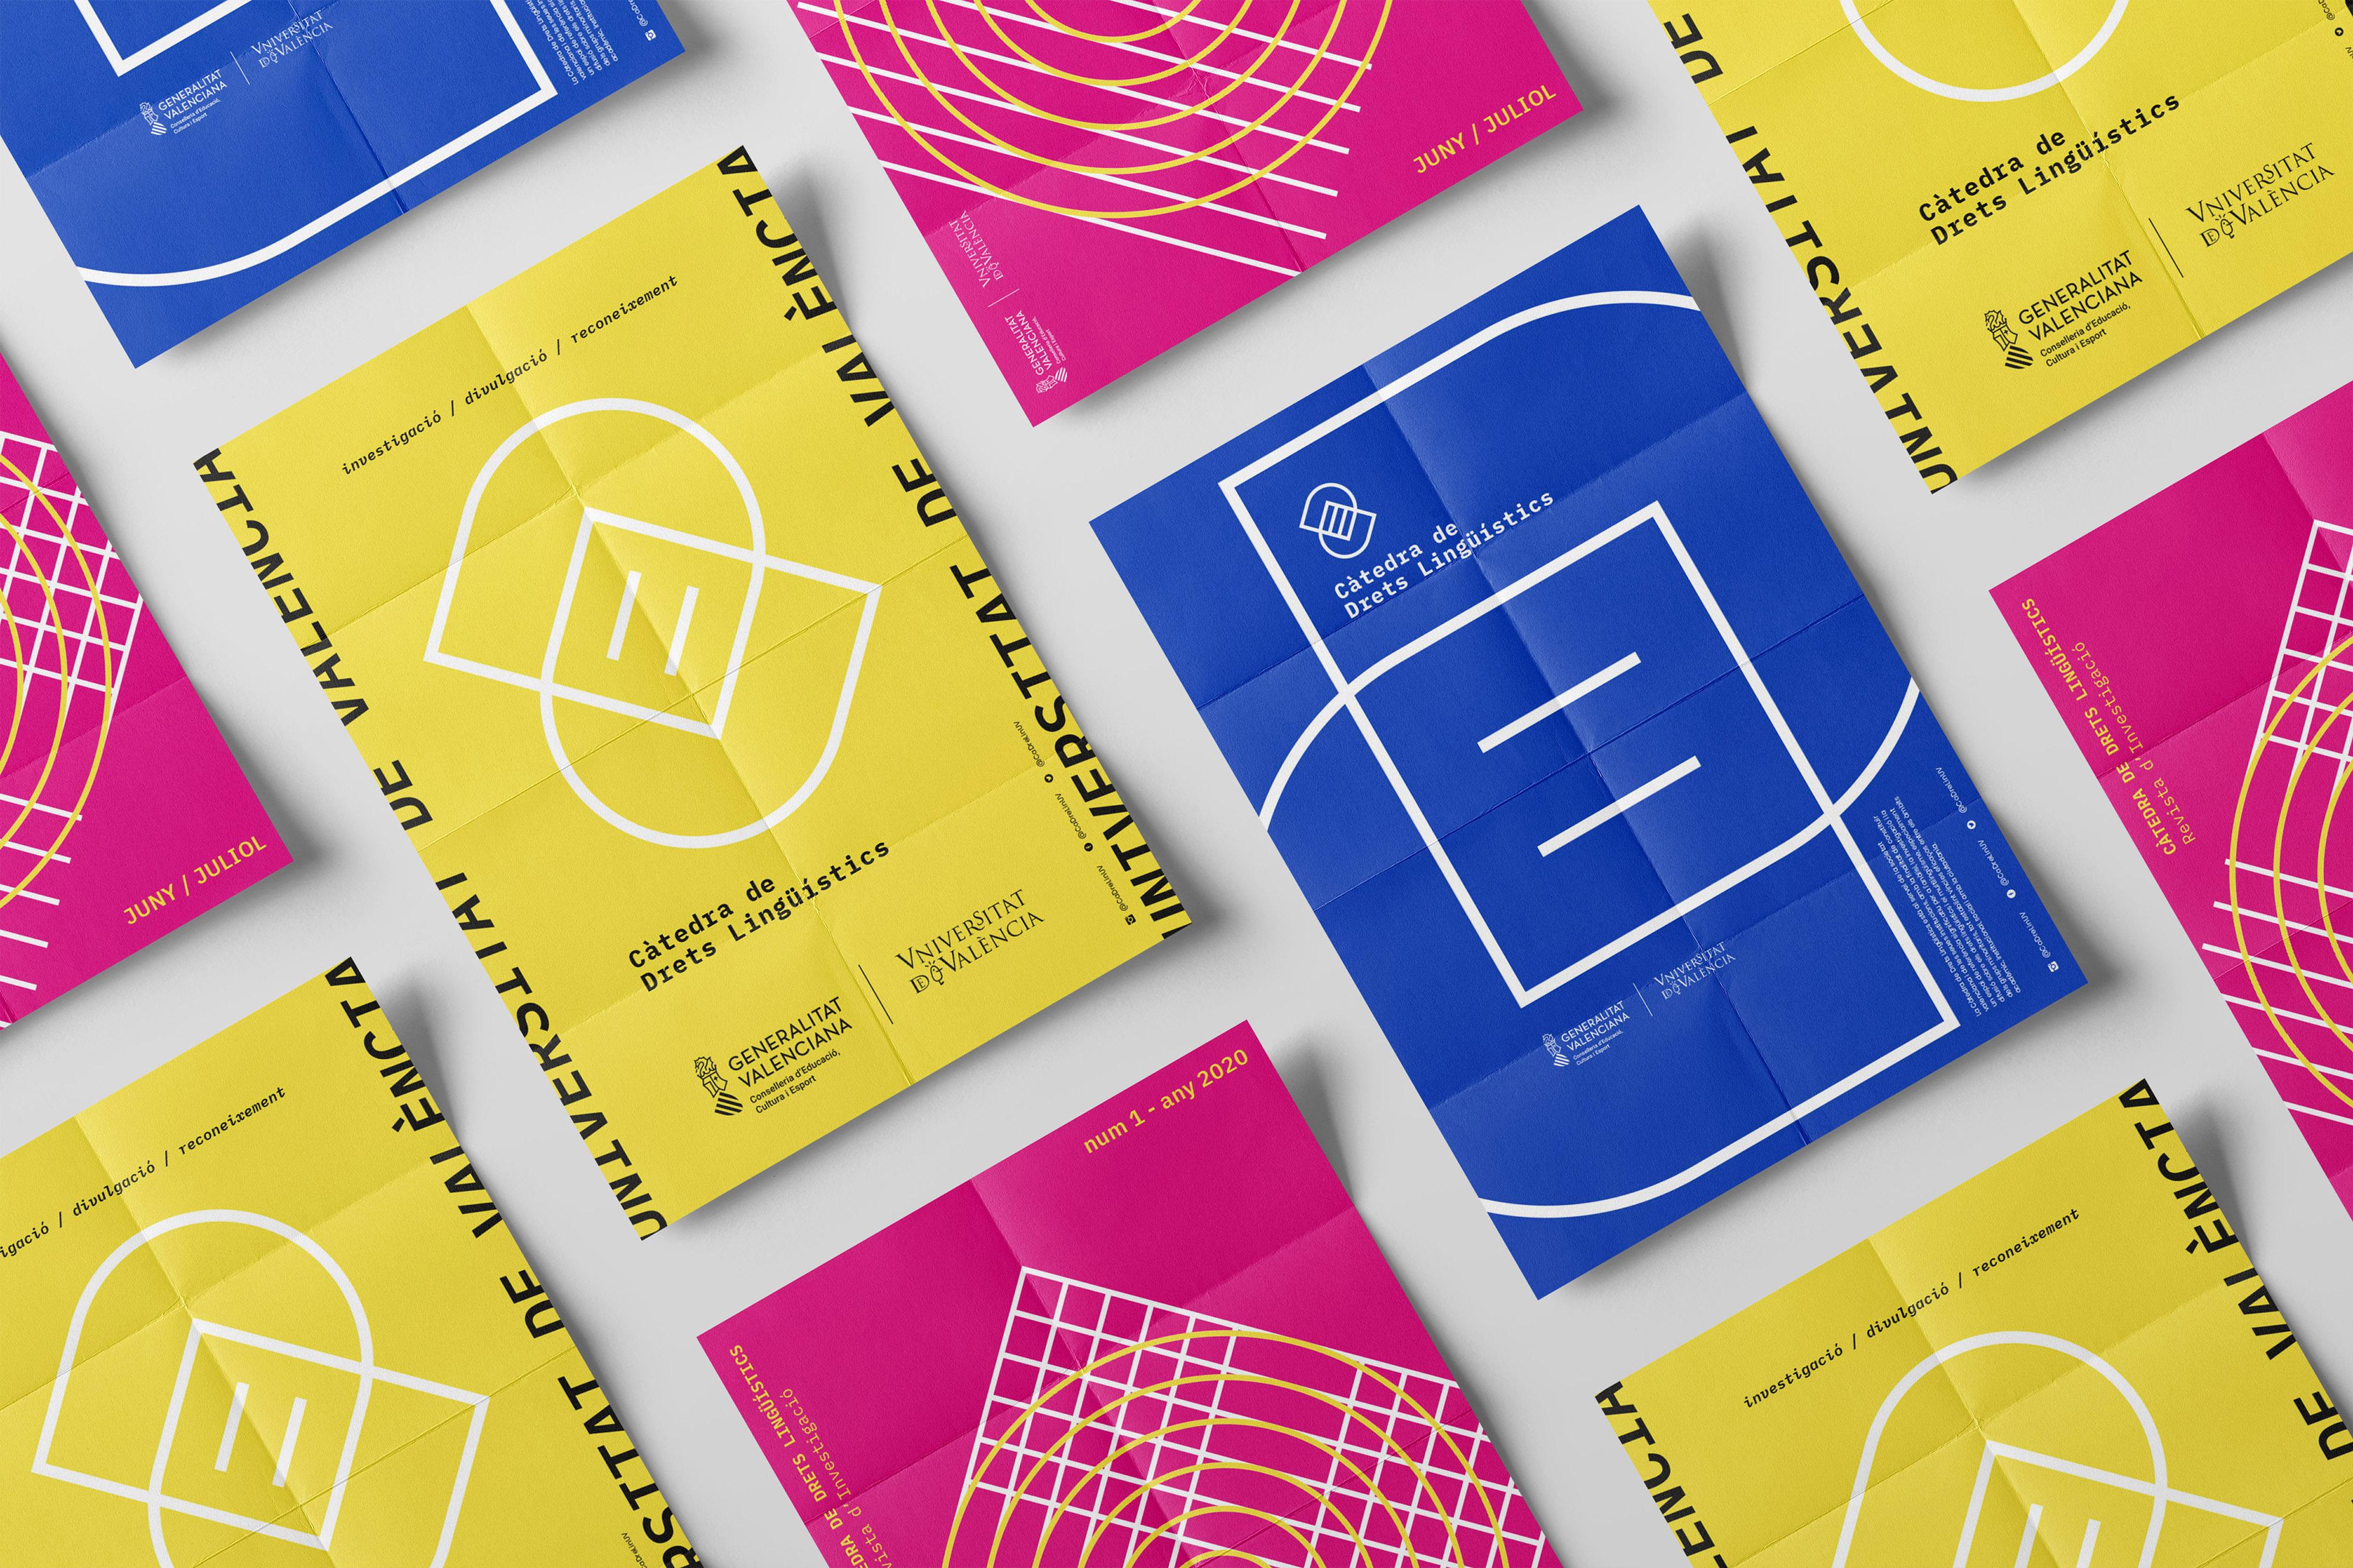 Càtedra de Drets Lingüístics UV by Locandia Estudio - Creative Work - $i